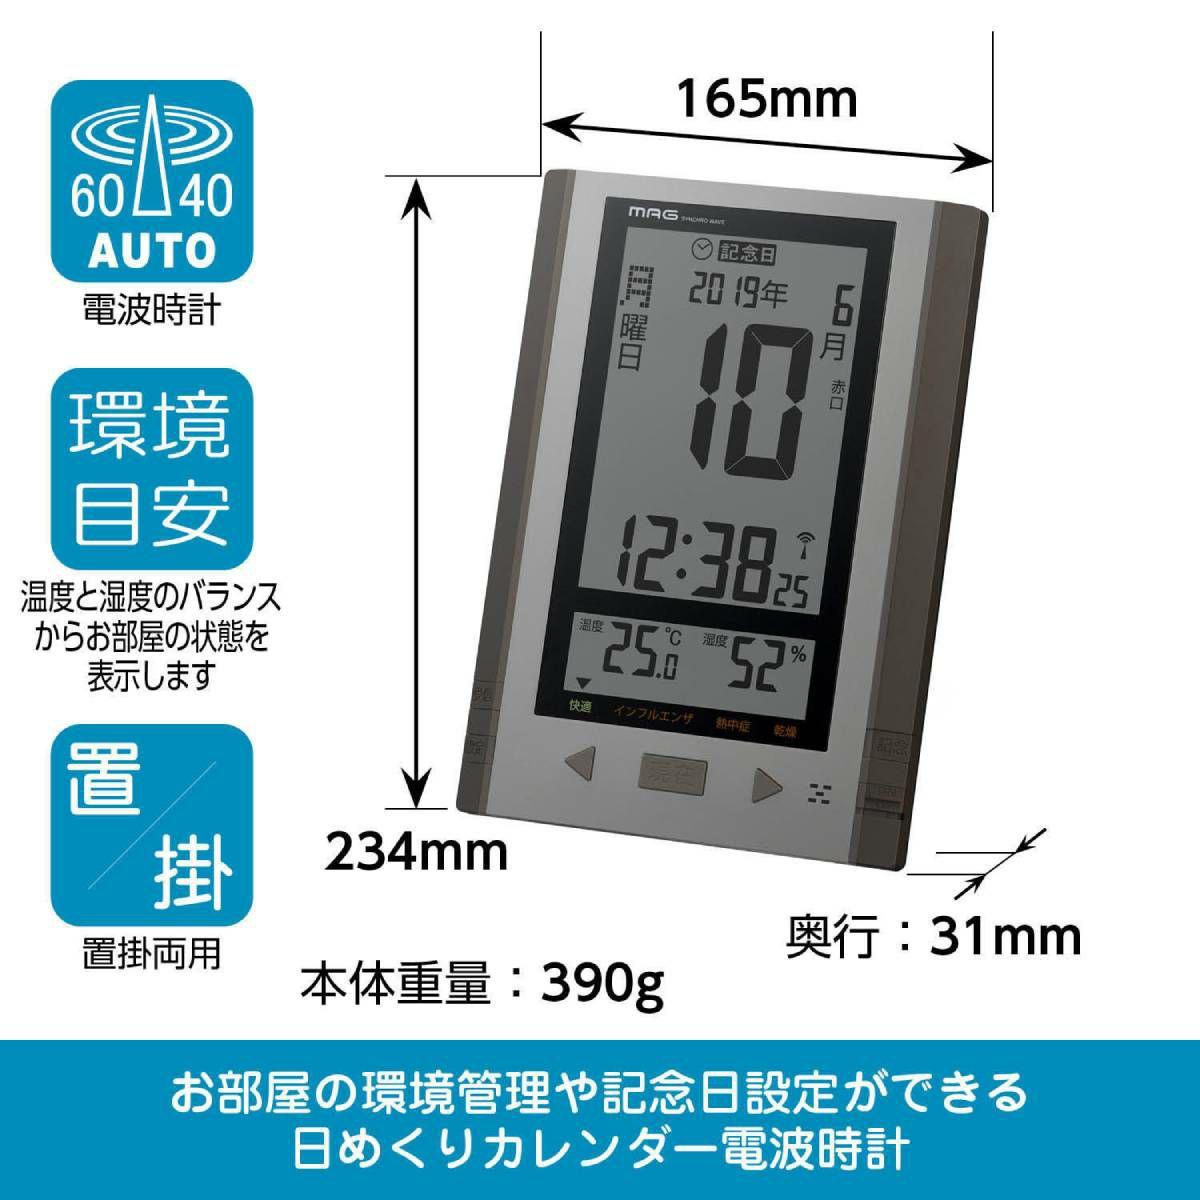 ≪メーカー直販≫ MAG(マグ) デジタル 電波時計 置時計 壁掛け時計 置掛兼用 温度計 湿度計 カレンダー 六曜 環境目安表示 記念日設定機能 日めくり カレンダー デイトン W-751 ブラウン 高齢者 シニア 1台